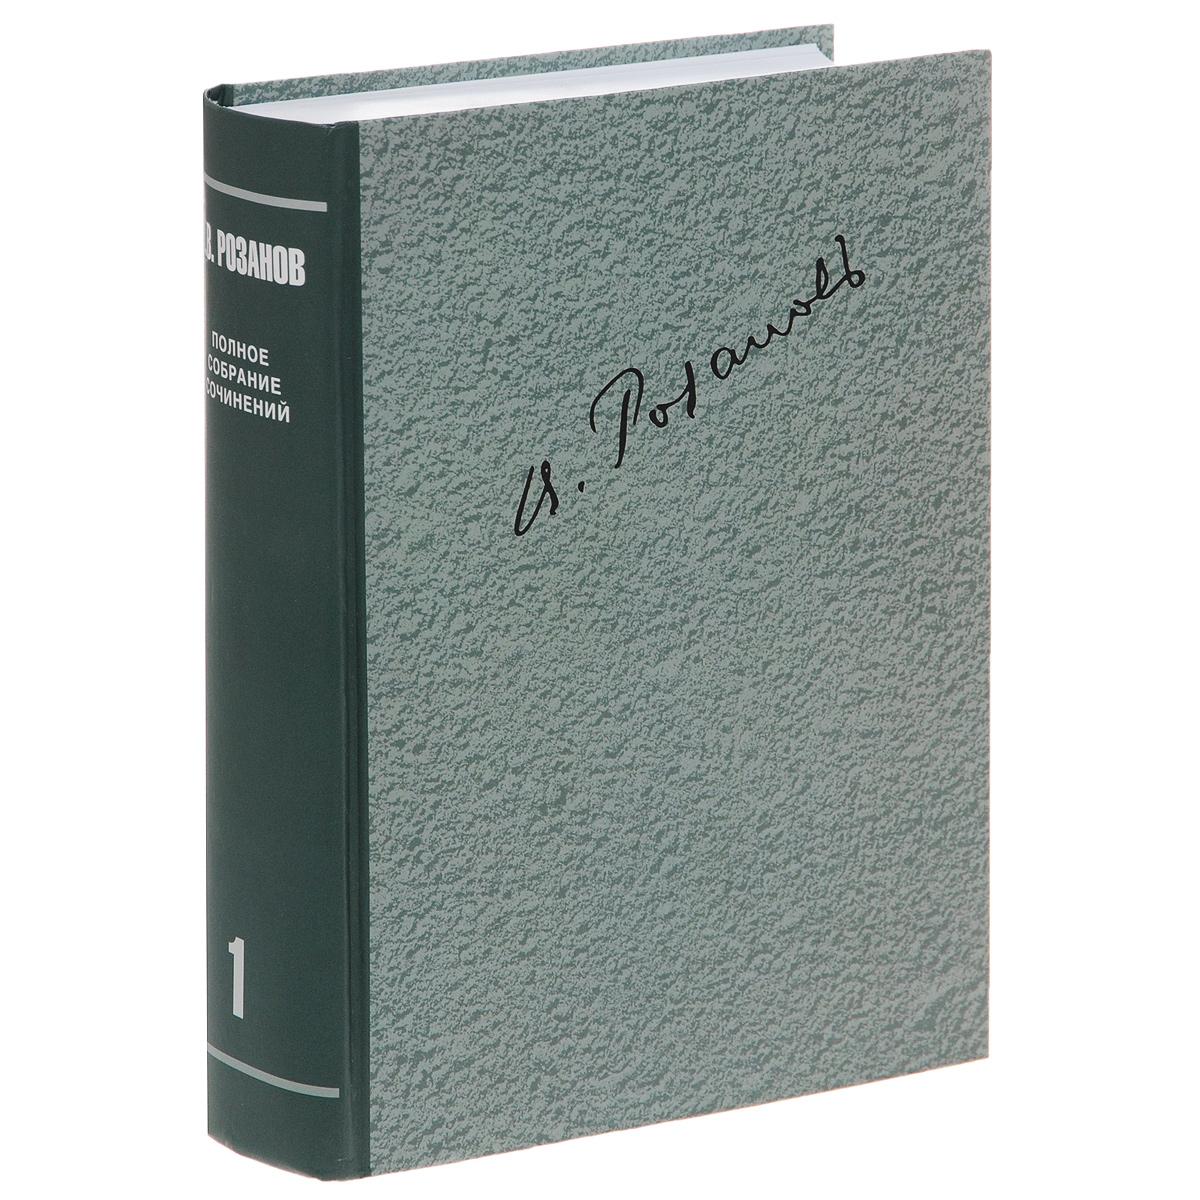 В. В. Розанов. Полное собрание сочинений. В 35 томах. Том 1. О писательстве и писателях. Легенда о Великом инквизиторе